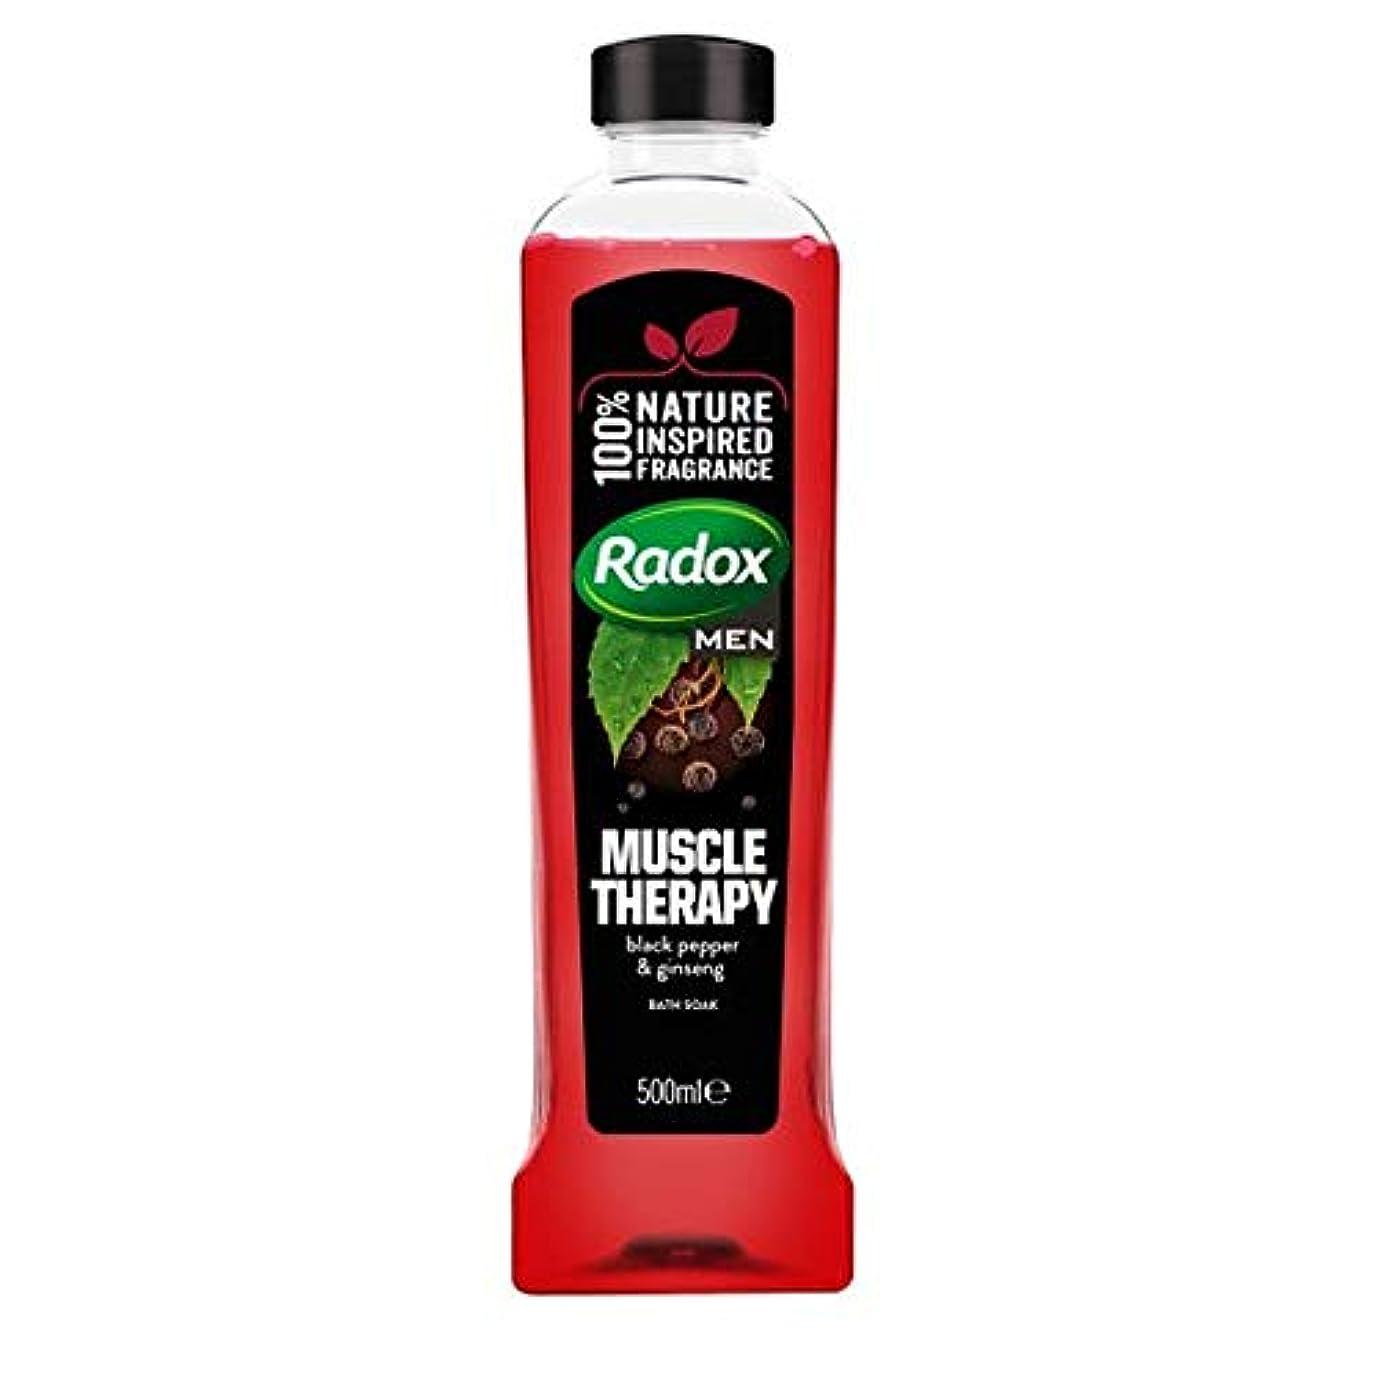 レース蒸発する可能にする[Radox] Radox男性の筋肉療法浴が500ミリリットルを浸します - Radox Men Muscle Therapy Bath Soak 500Ml [並行輸入品]